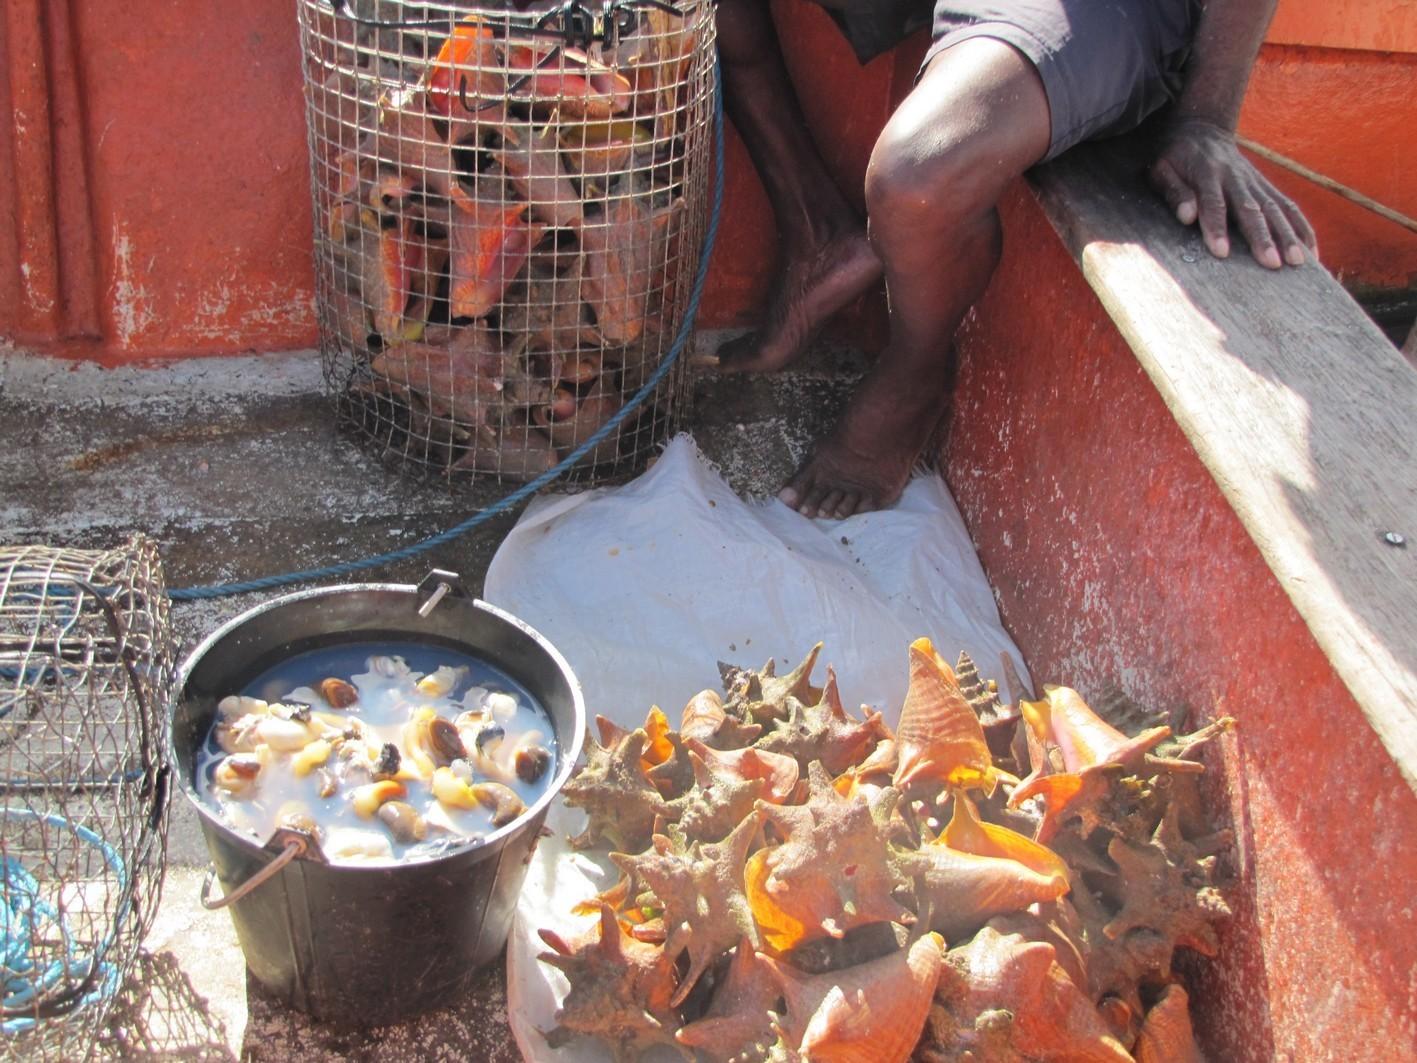 La pêche au lambi est ouverte : une réglementation stricte